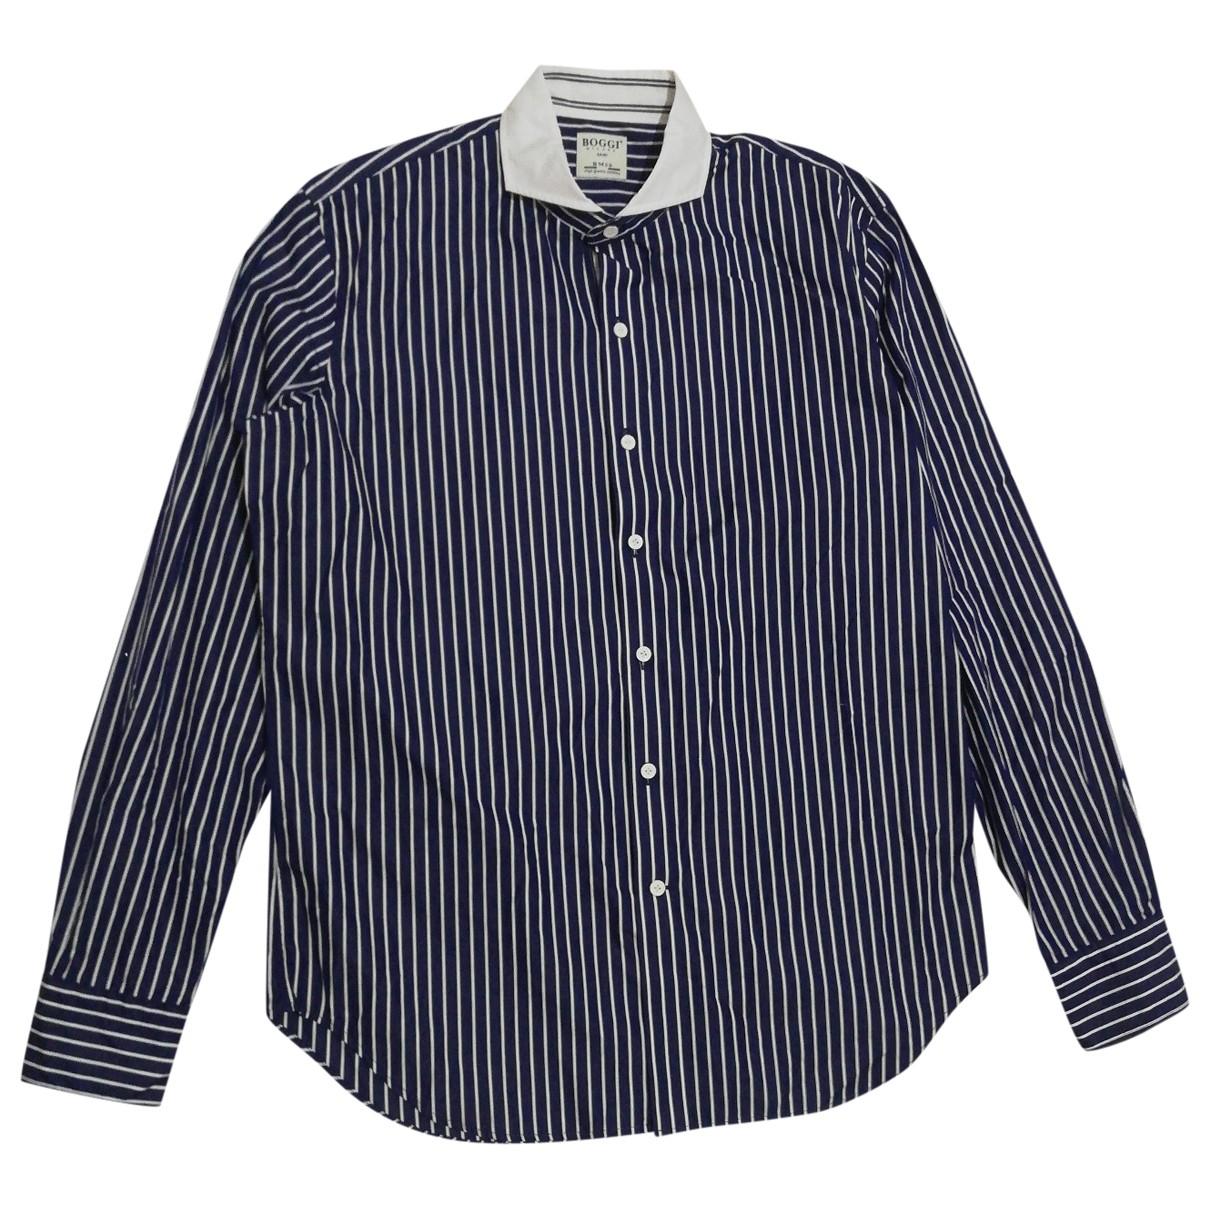 Boggi - Chemises   pour homme en coton - multicolore